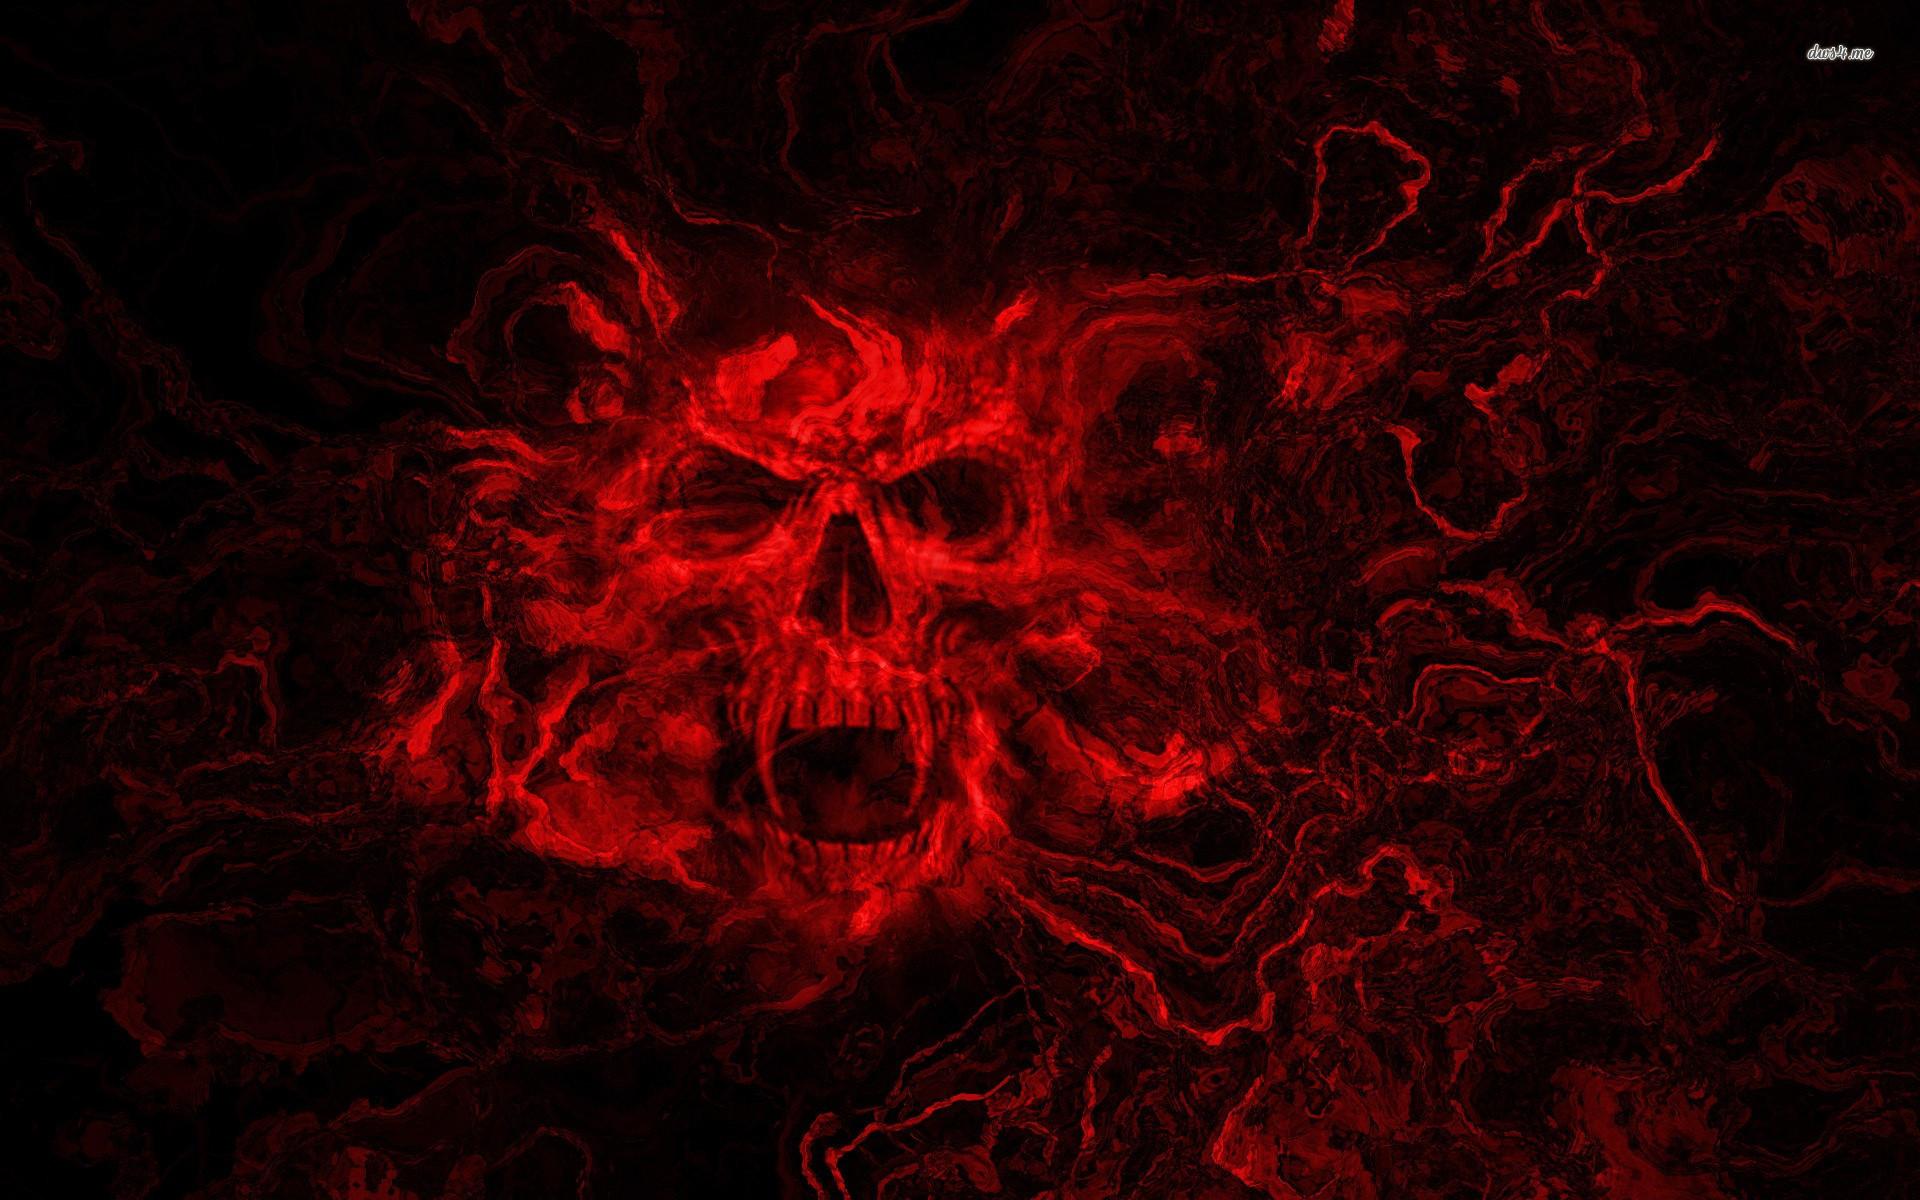 Red Skull Wallpaper Wallpapersafari